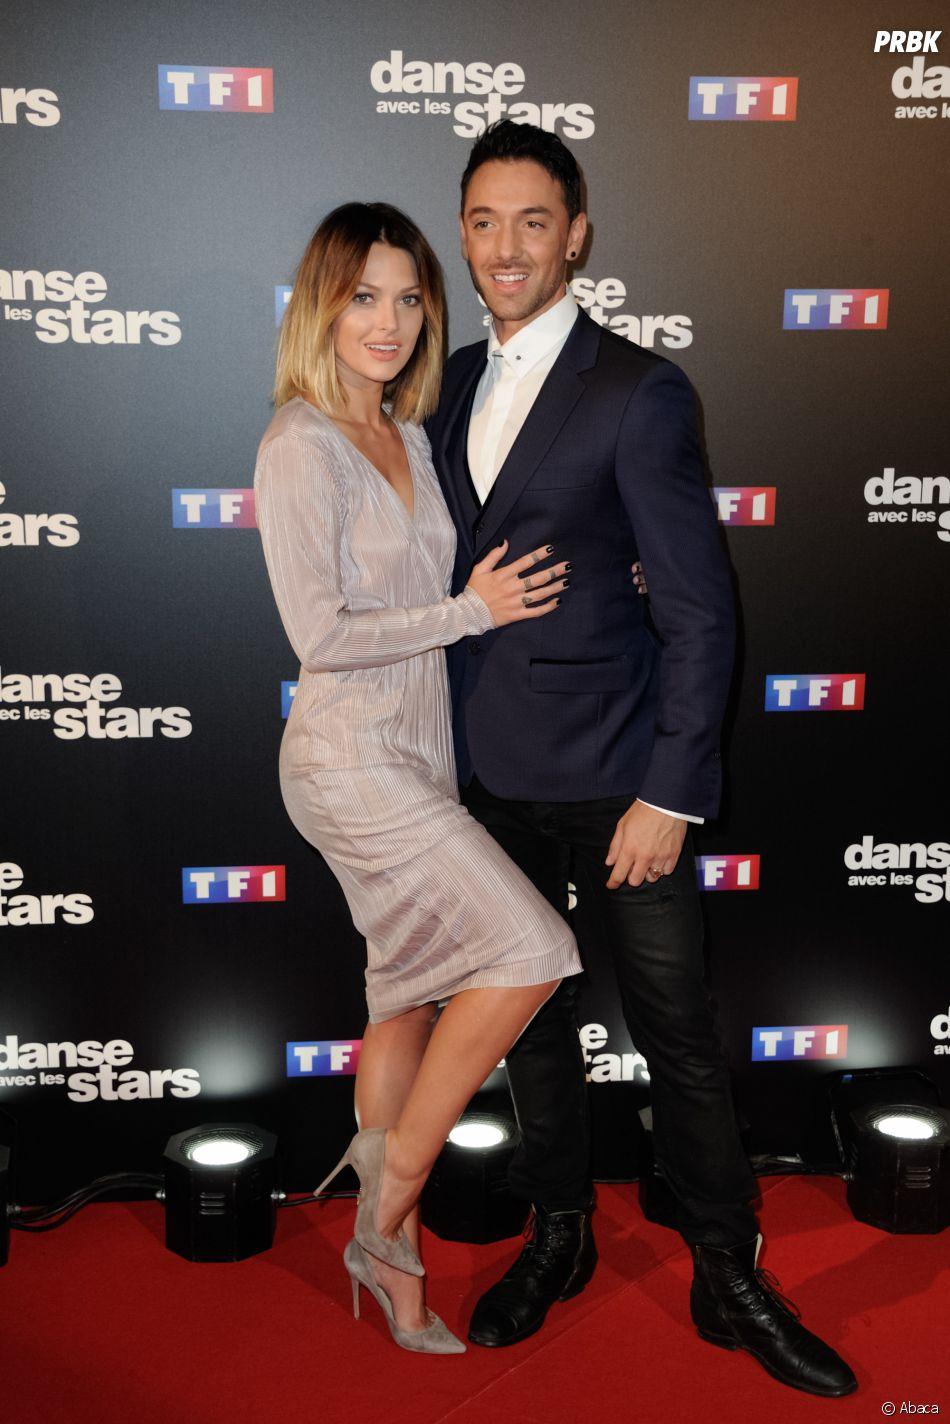 Caroline Receveur dansera avec Maxime Dereymez dans Danse avec les stars 7.